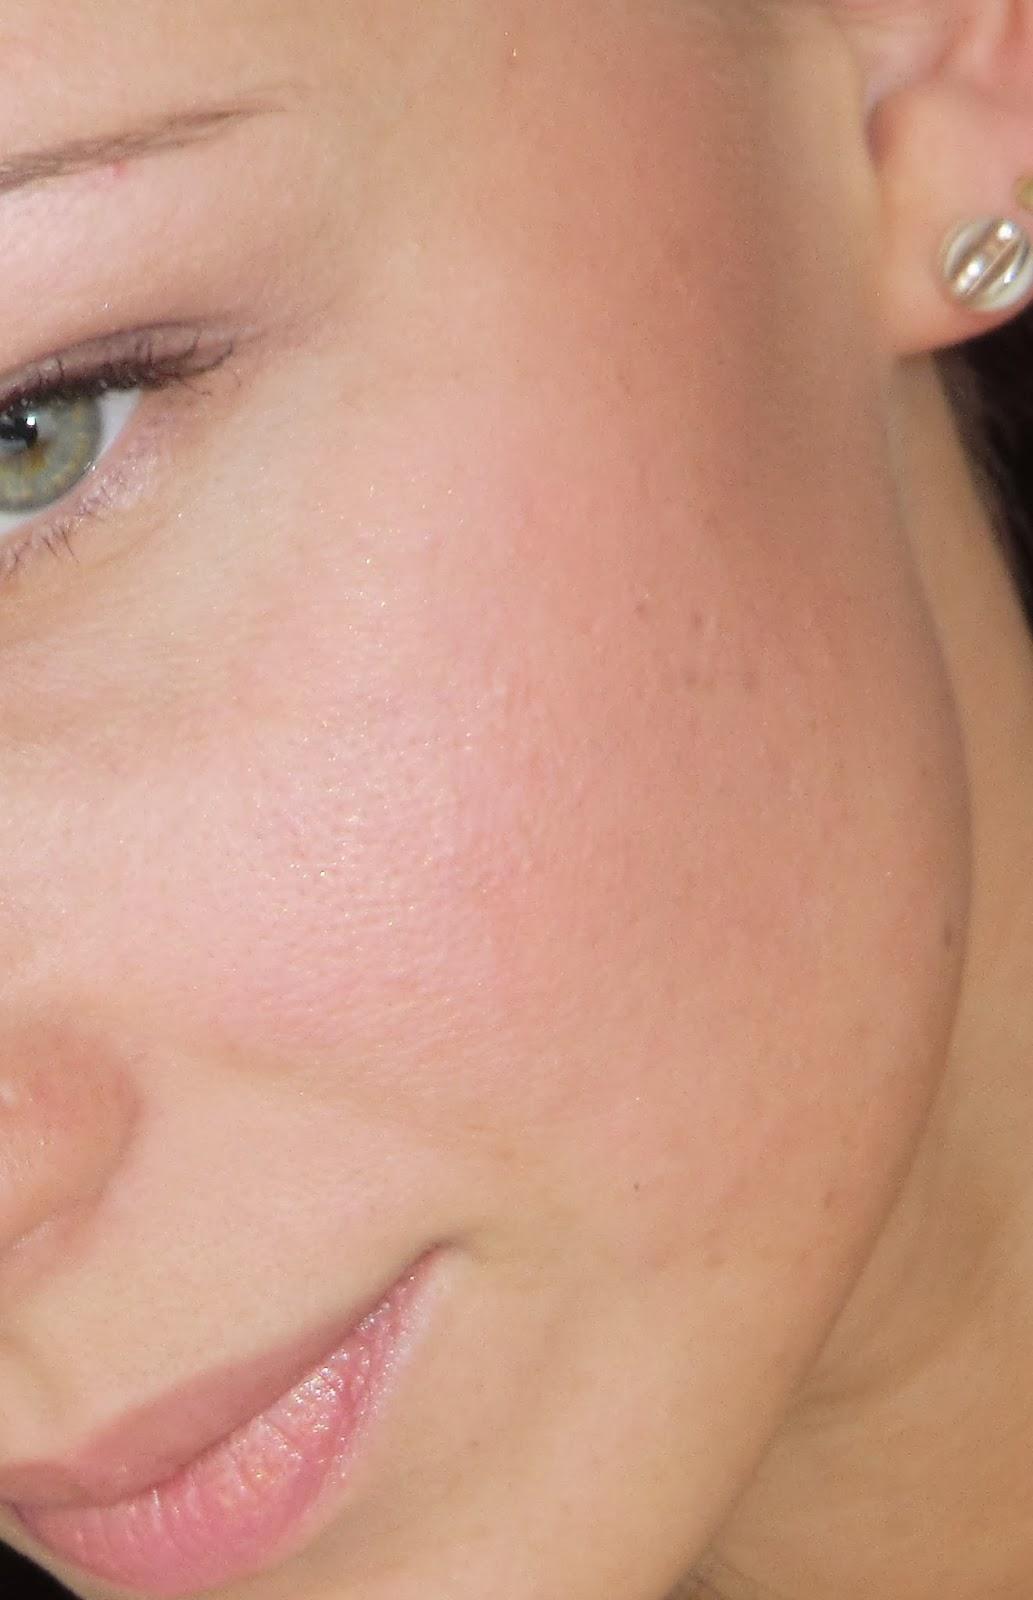 румяна на лице